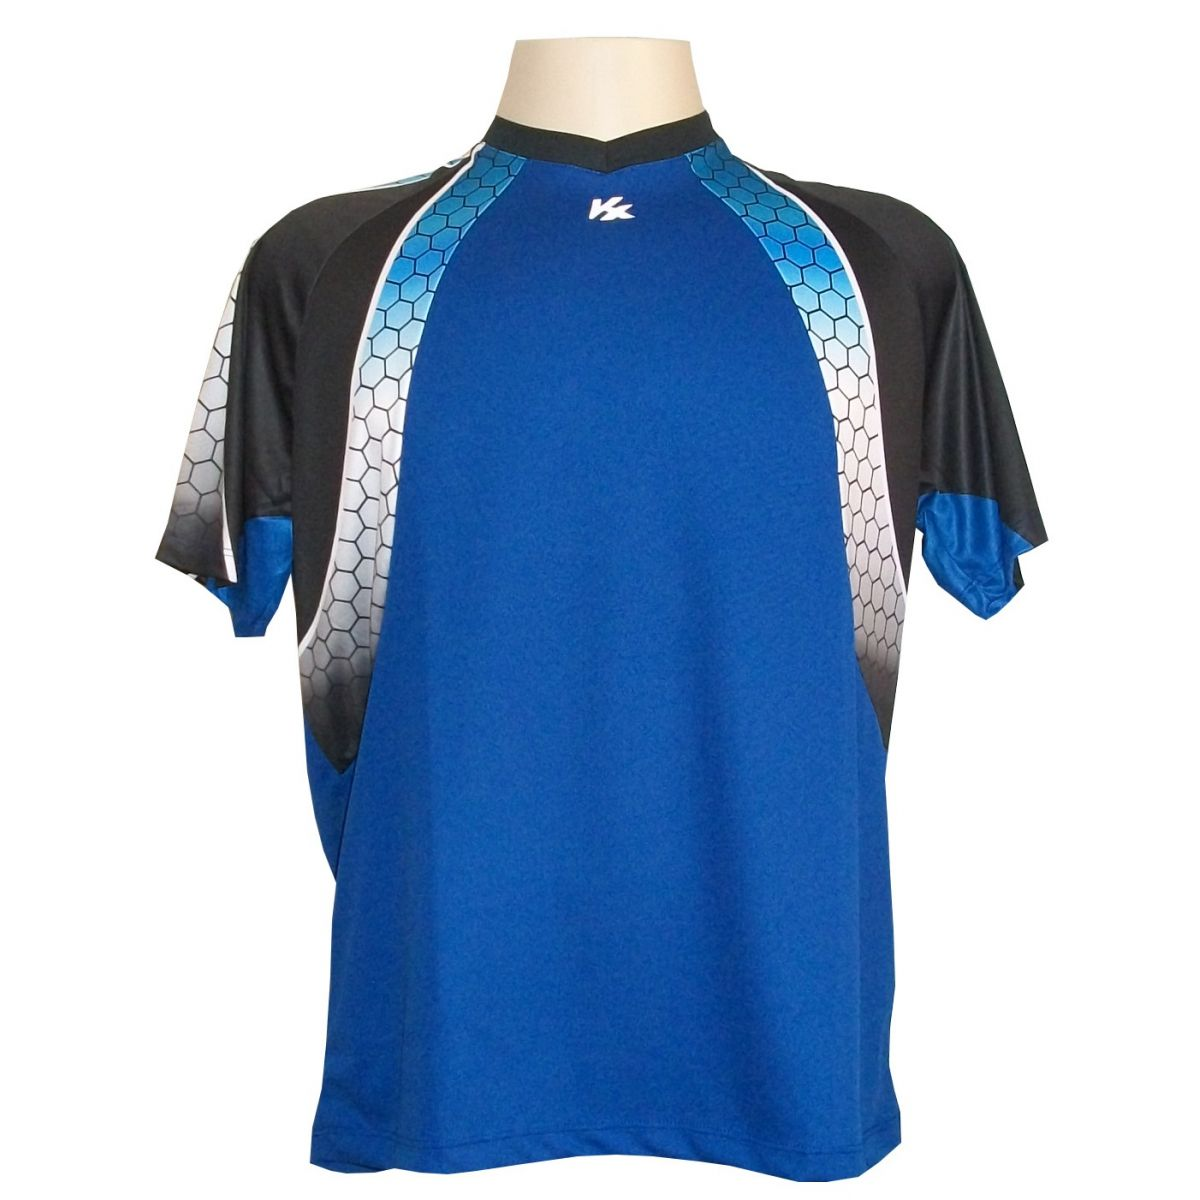 Camisa de Goleiro Profissional Manga Curta modelo Paraí Tam G Nº 1 - Azul Royal/Preto - Kanxa